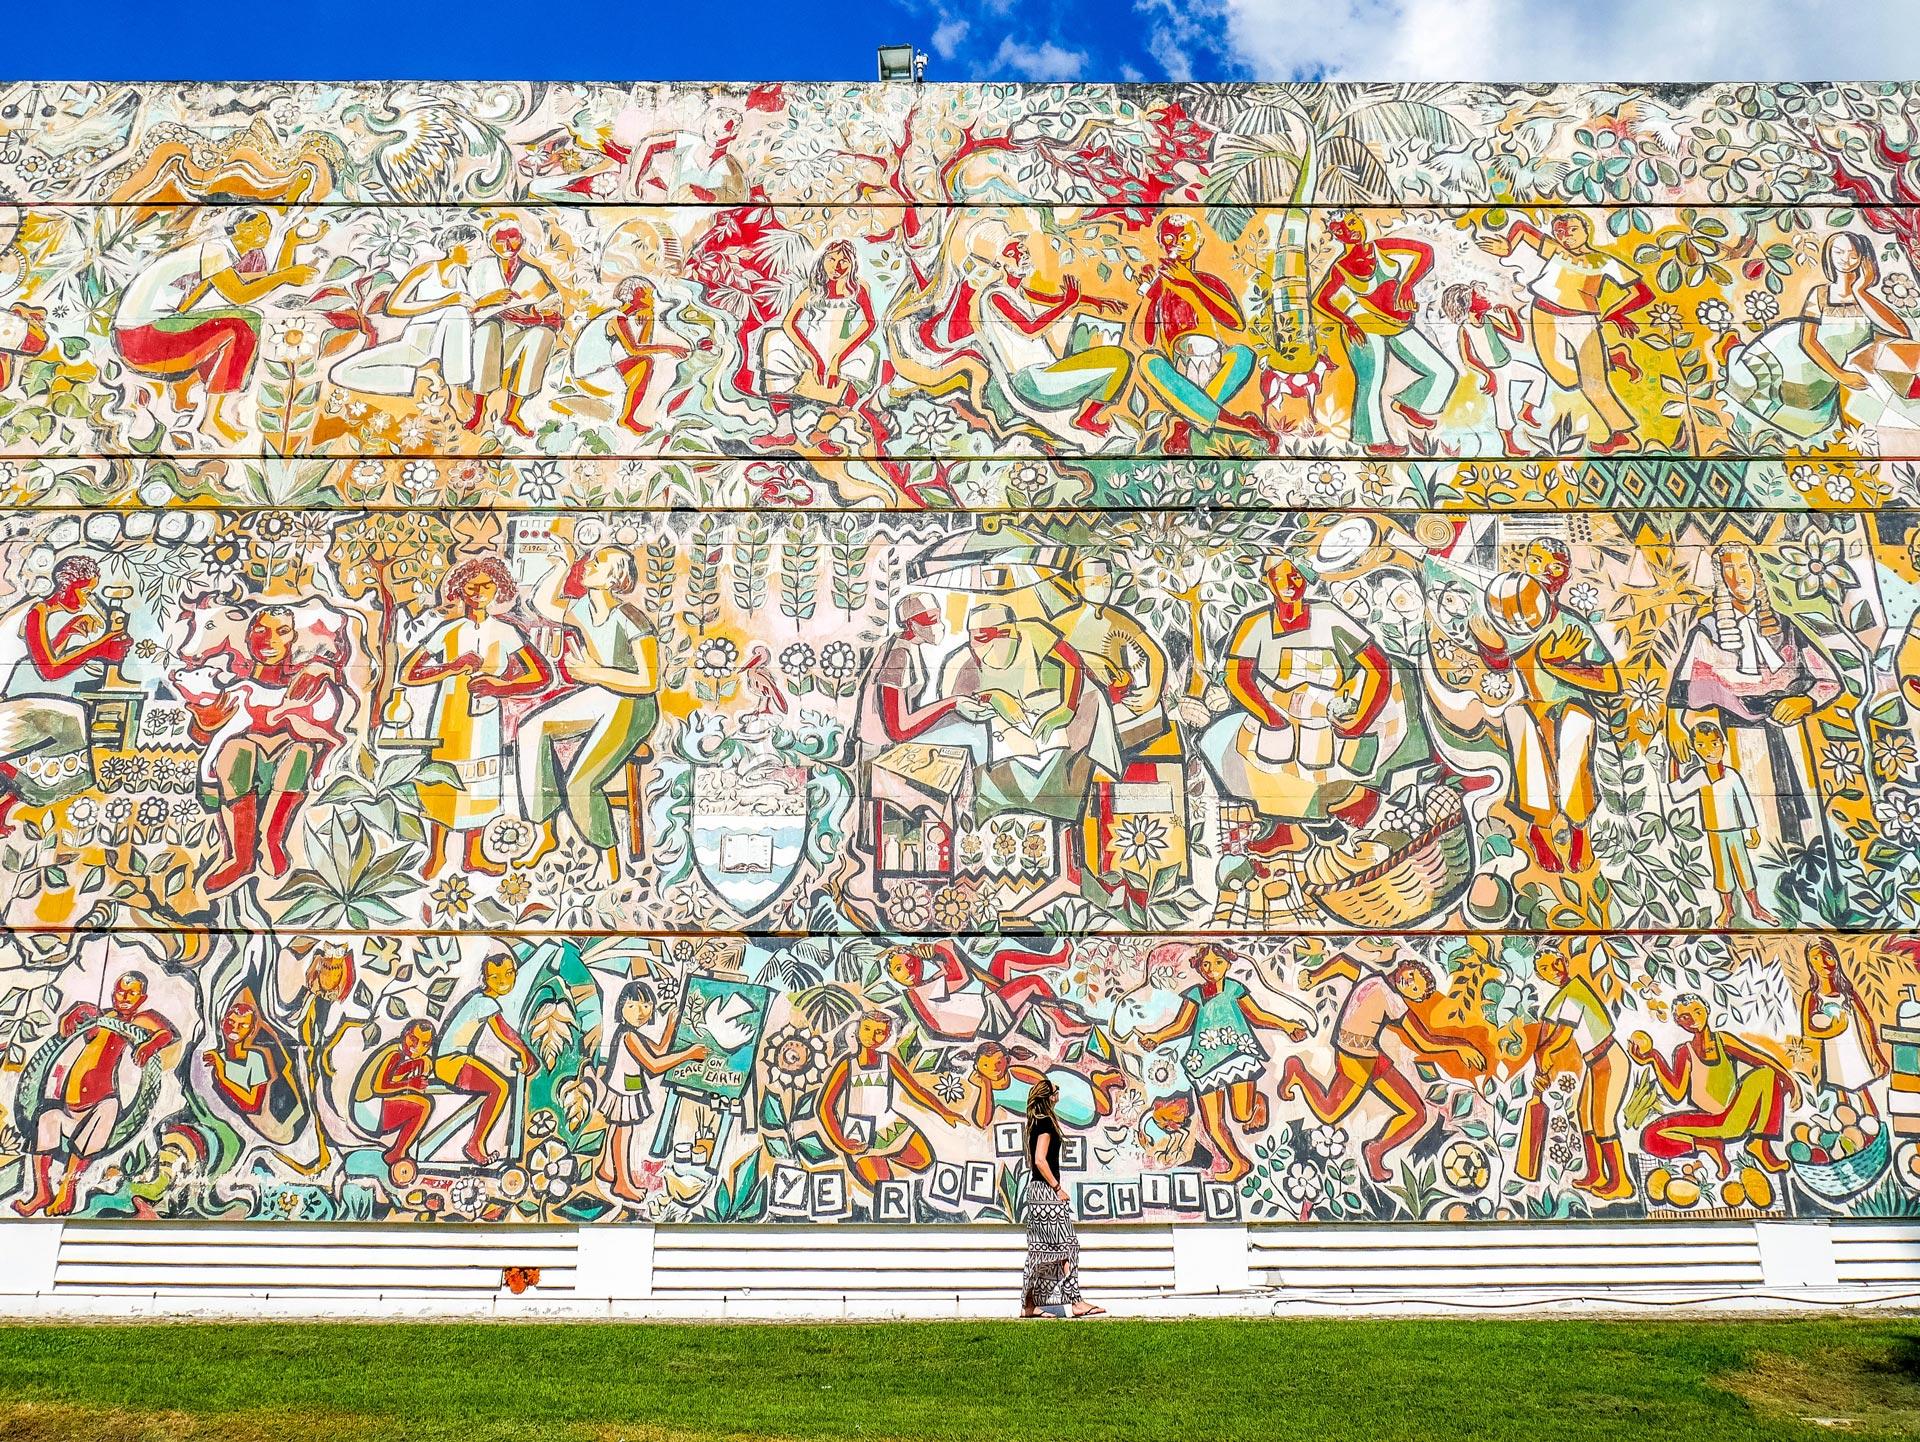 Big mural at UWI in Kingston, Jamaica